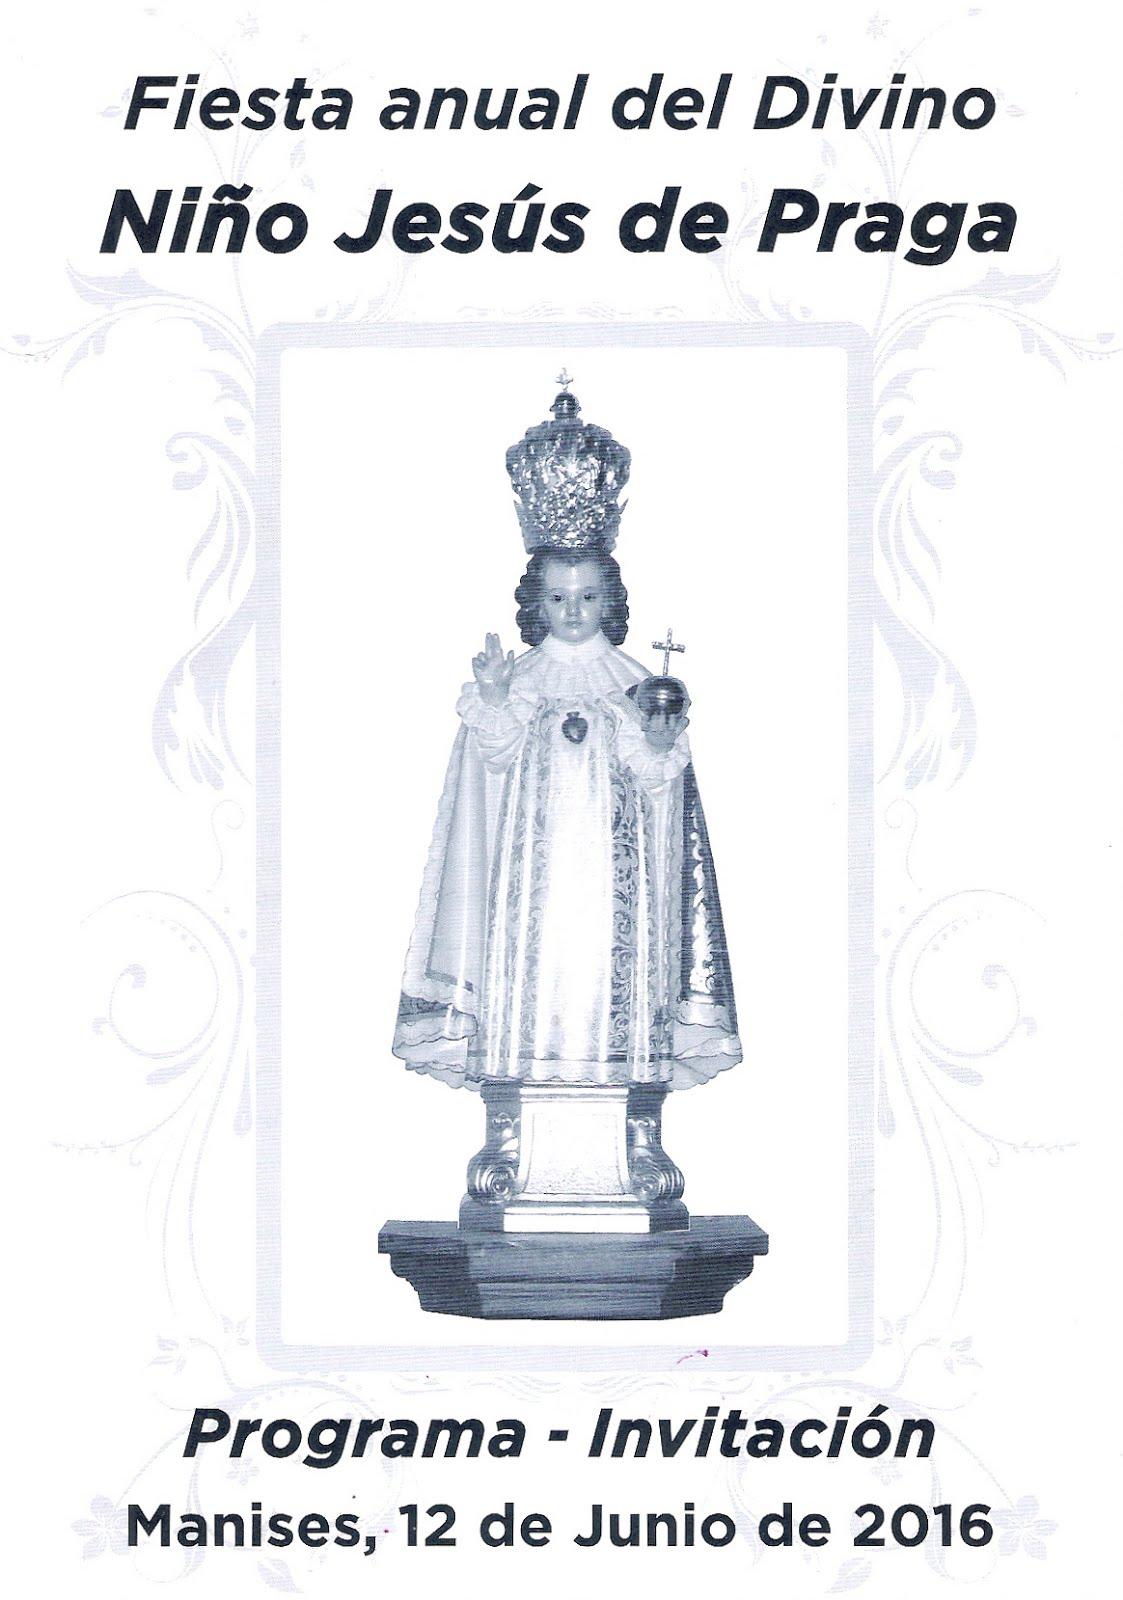 12.06.16 SOLEMNE FIESTA AL DIVINO NIÑO JESÚS DE PRAGA EN MANISES